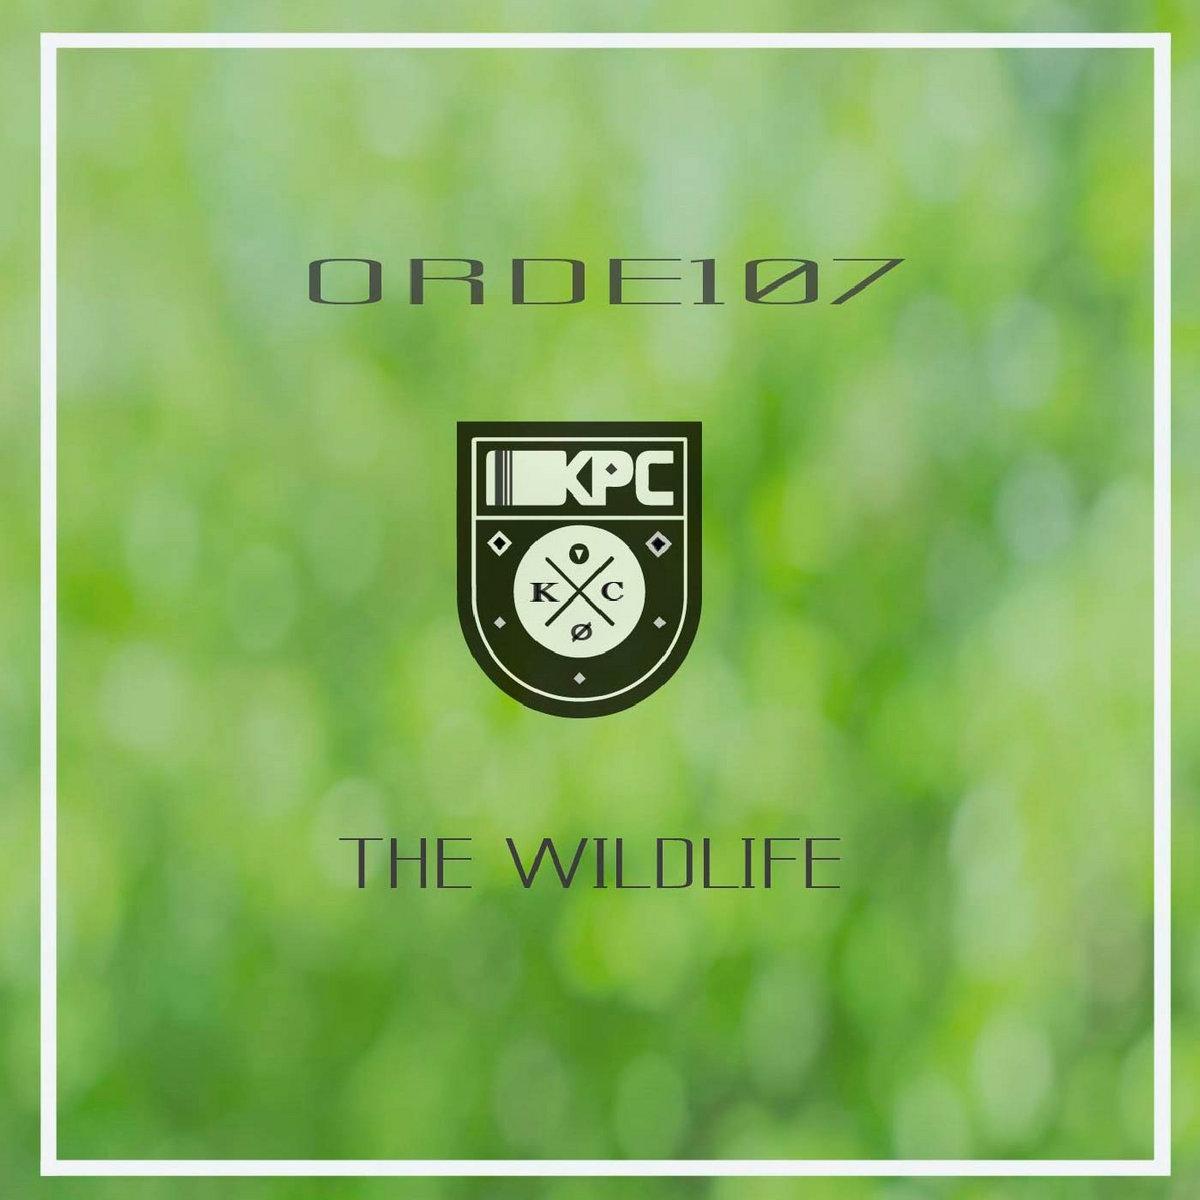 Orde107 – The Wildlife EP